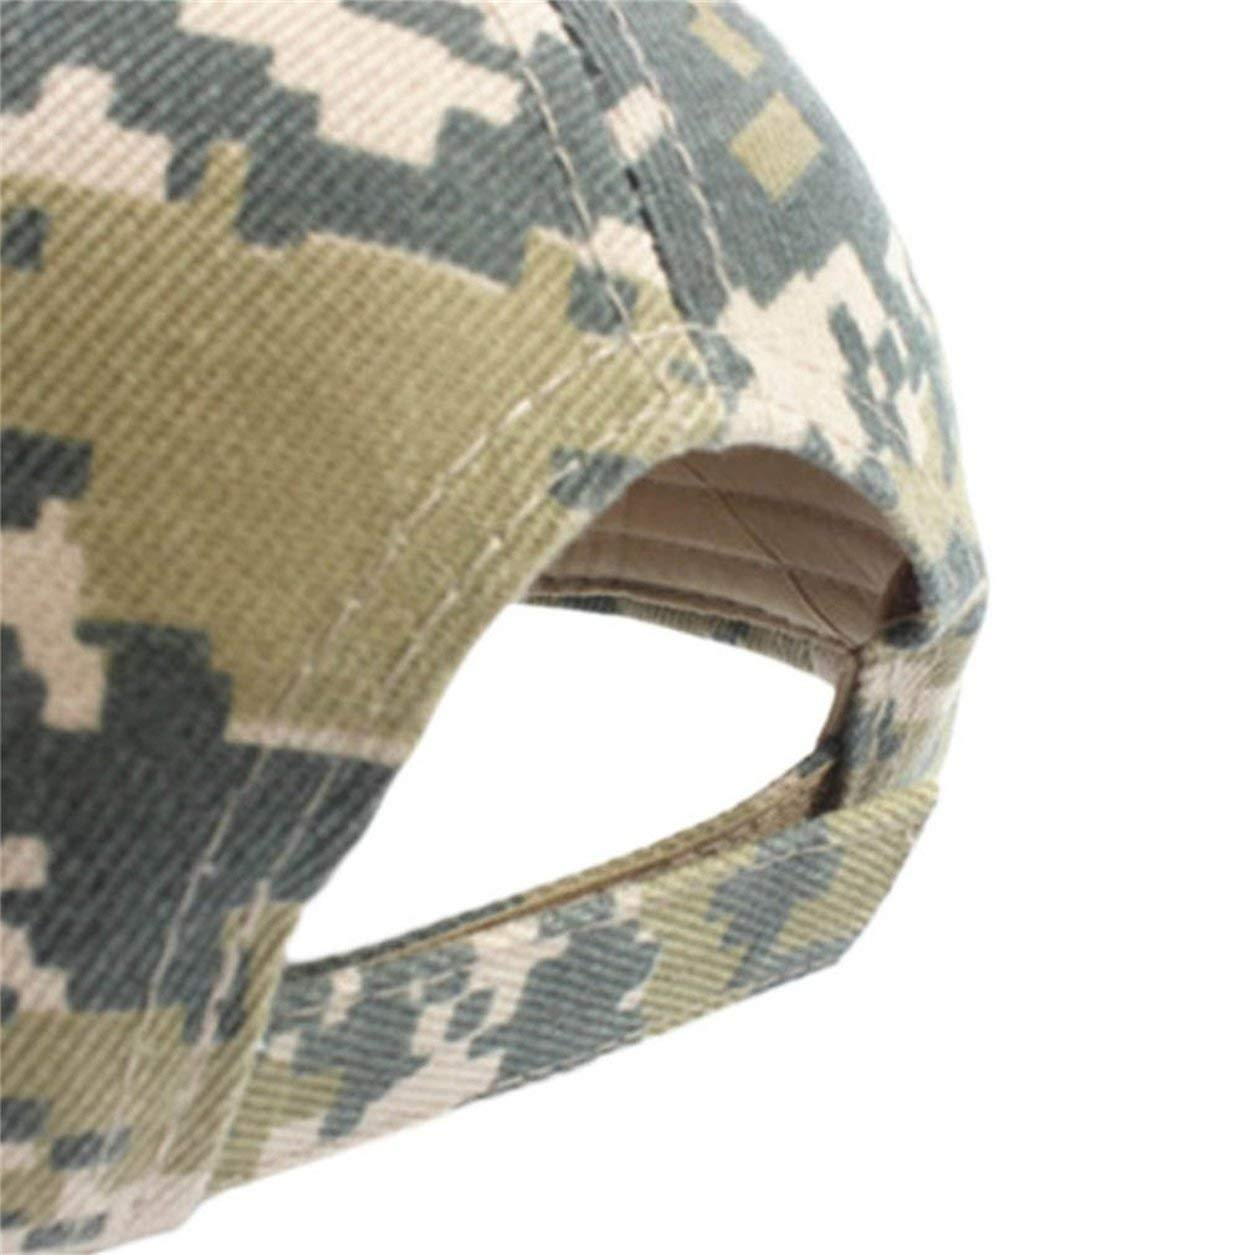 Baseball Caps Militar de Camuflaje al Aire Libre t/áctico Caps Aficionados Armada de los Estados Unidos Ej/ército Sombreros Marines Informal Ej/ército Deportes Viseras Seal de la Marina